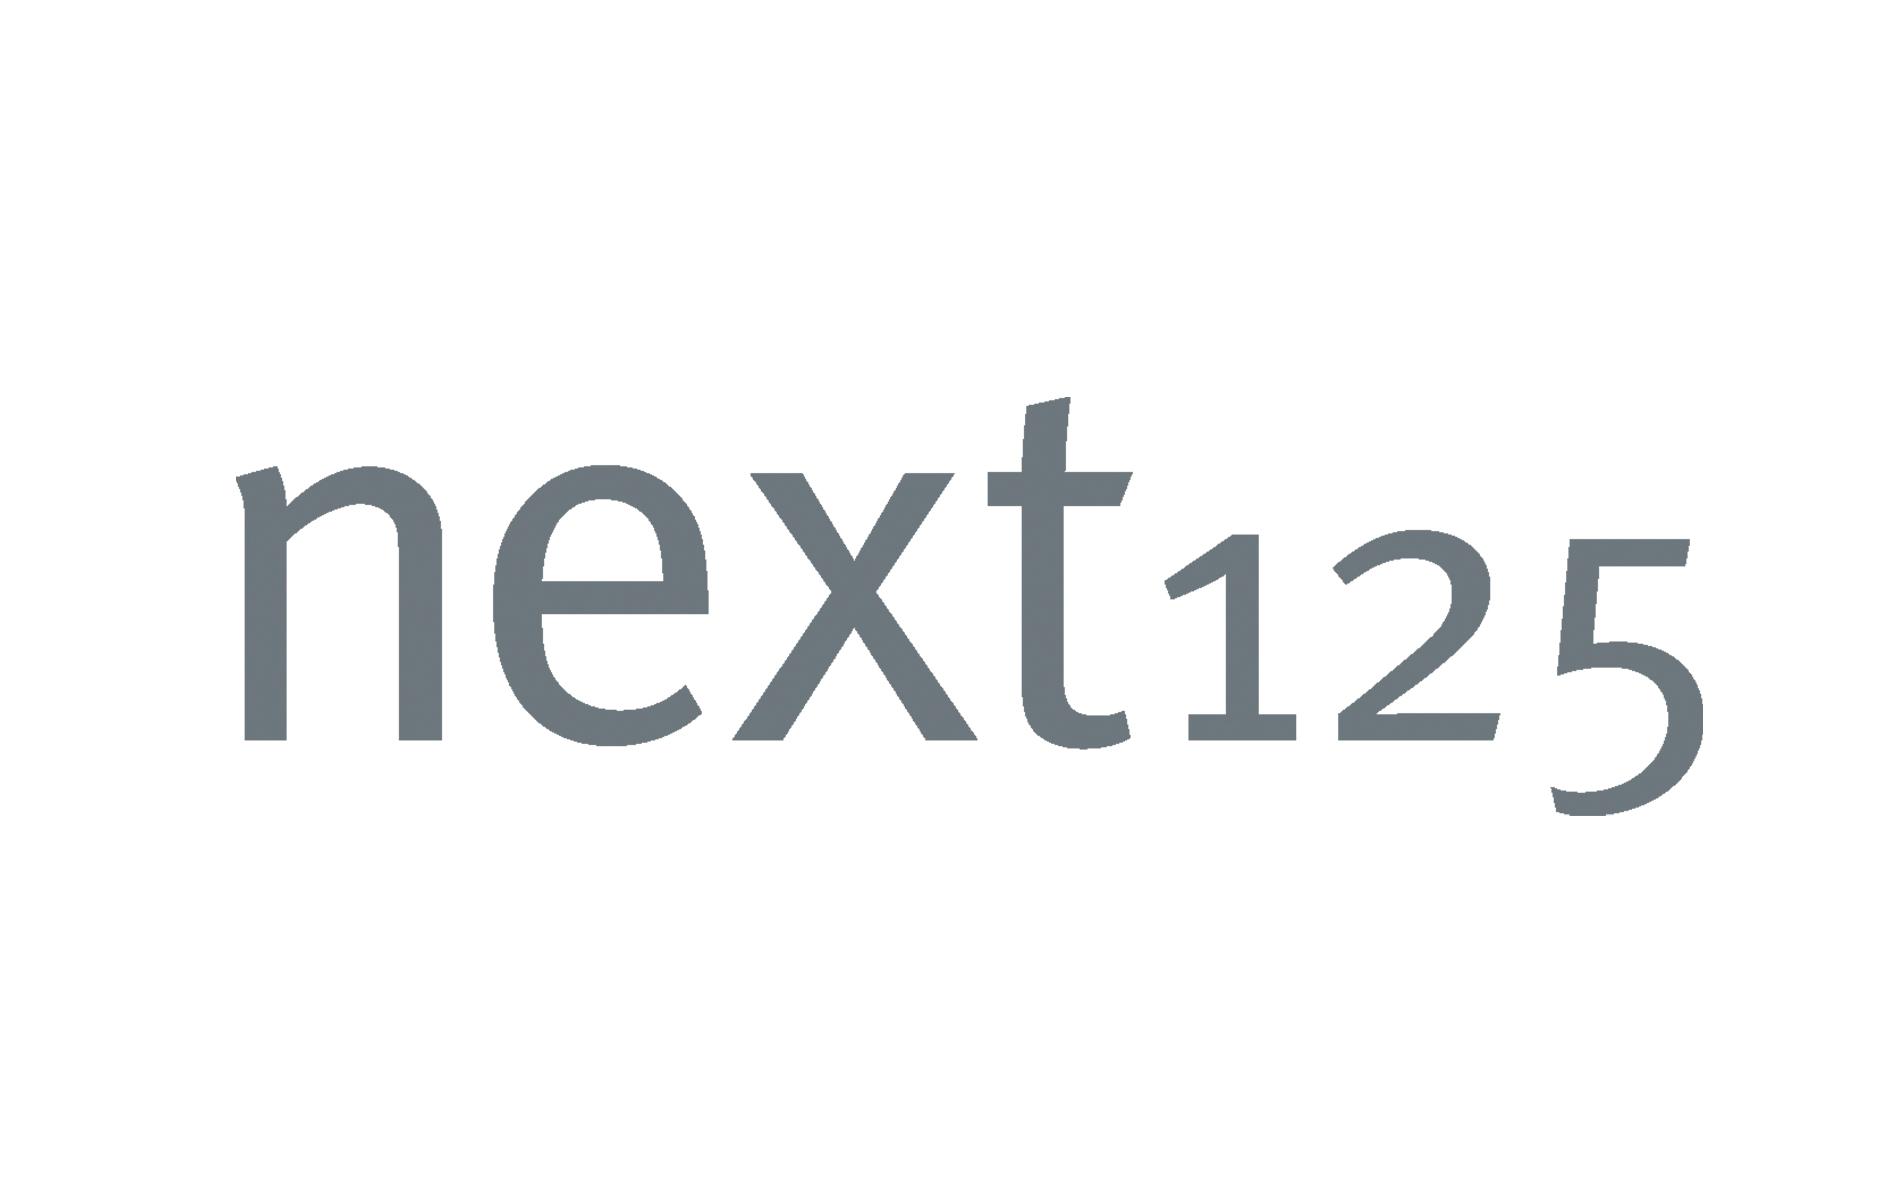 Next 125